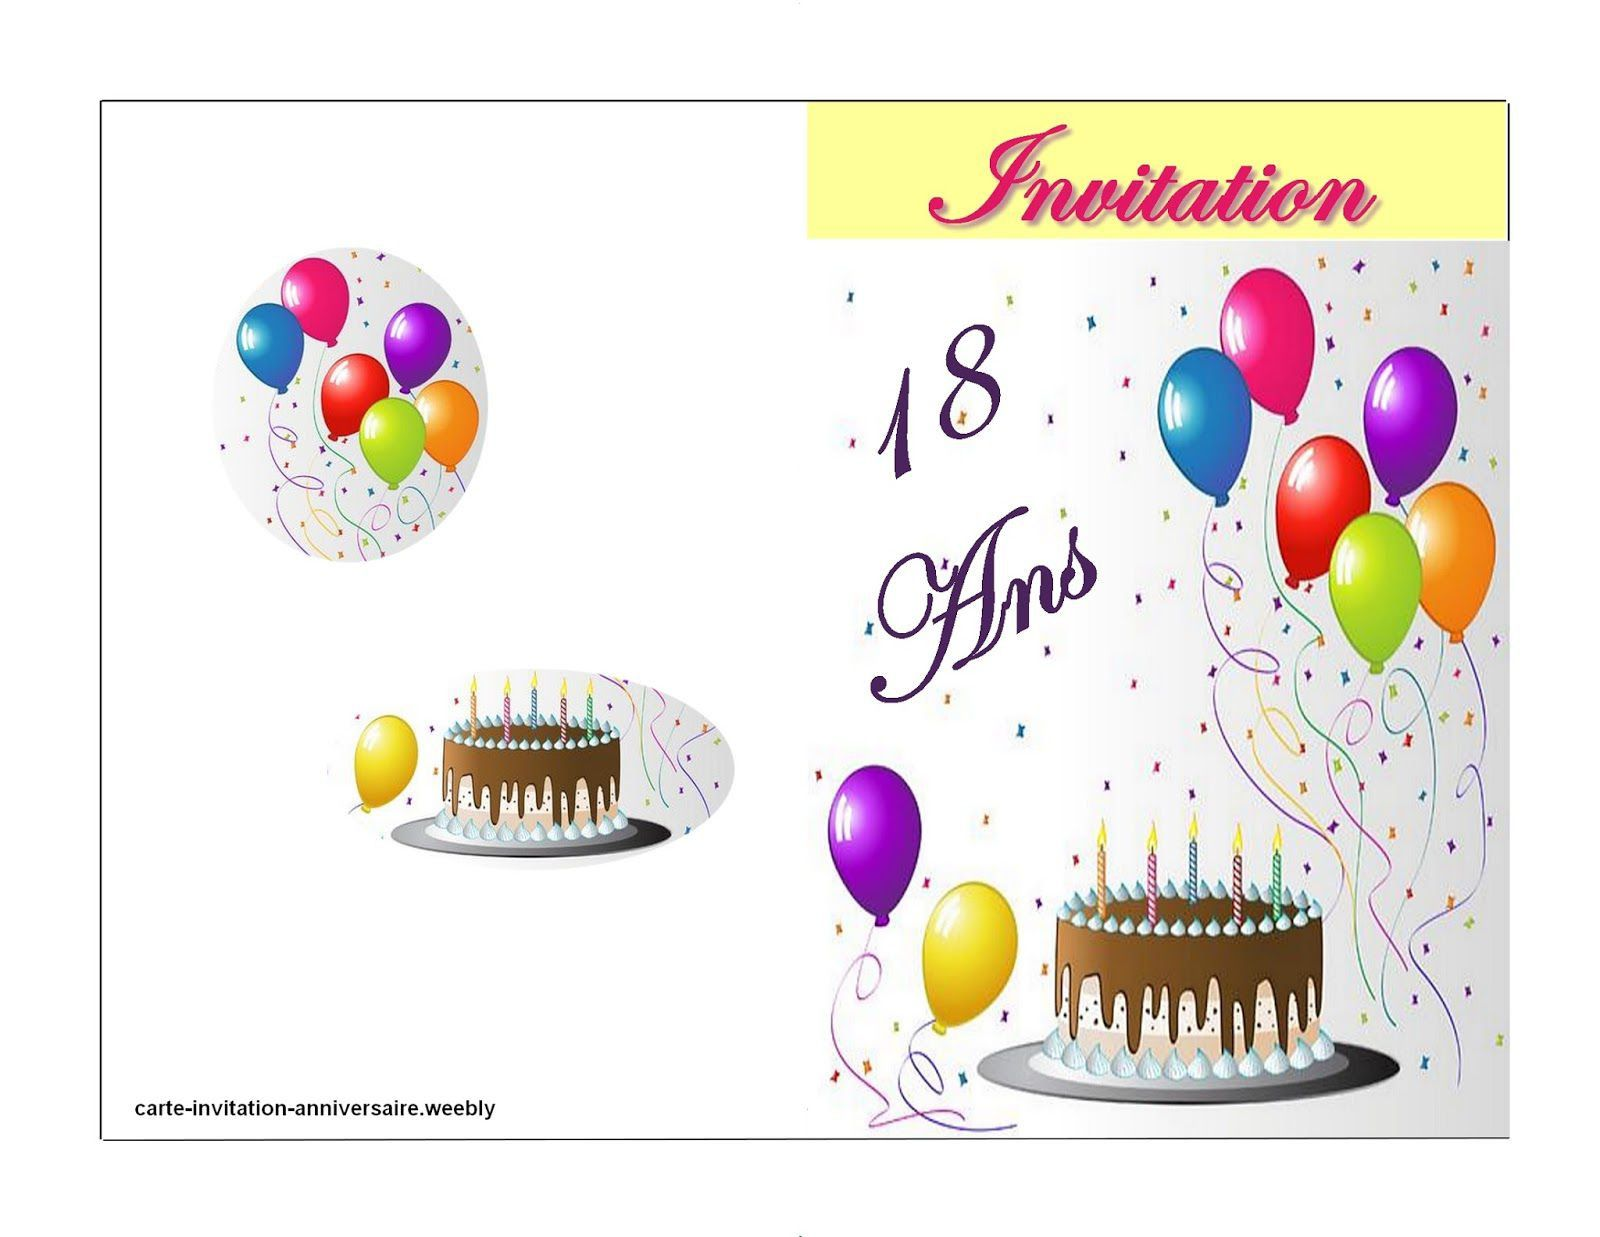 Invitation D Anniversaire Virtuelle Gratuite Beautiful Carte Anniversaire 18 Ans Gratuit Carte Invitation Anniversaire Invitation Anniversaire Carte Invitation